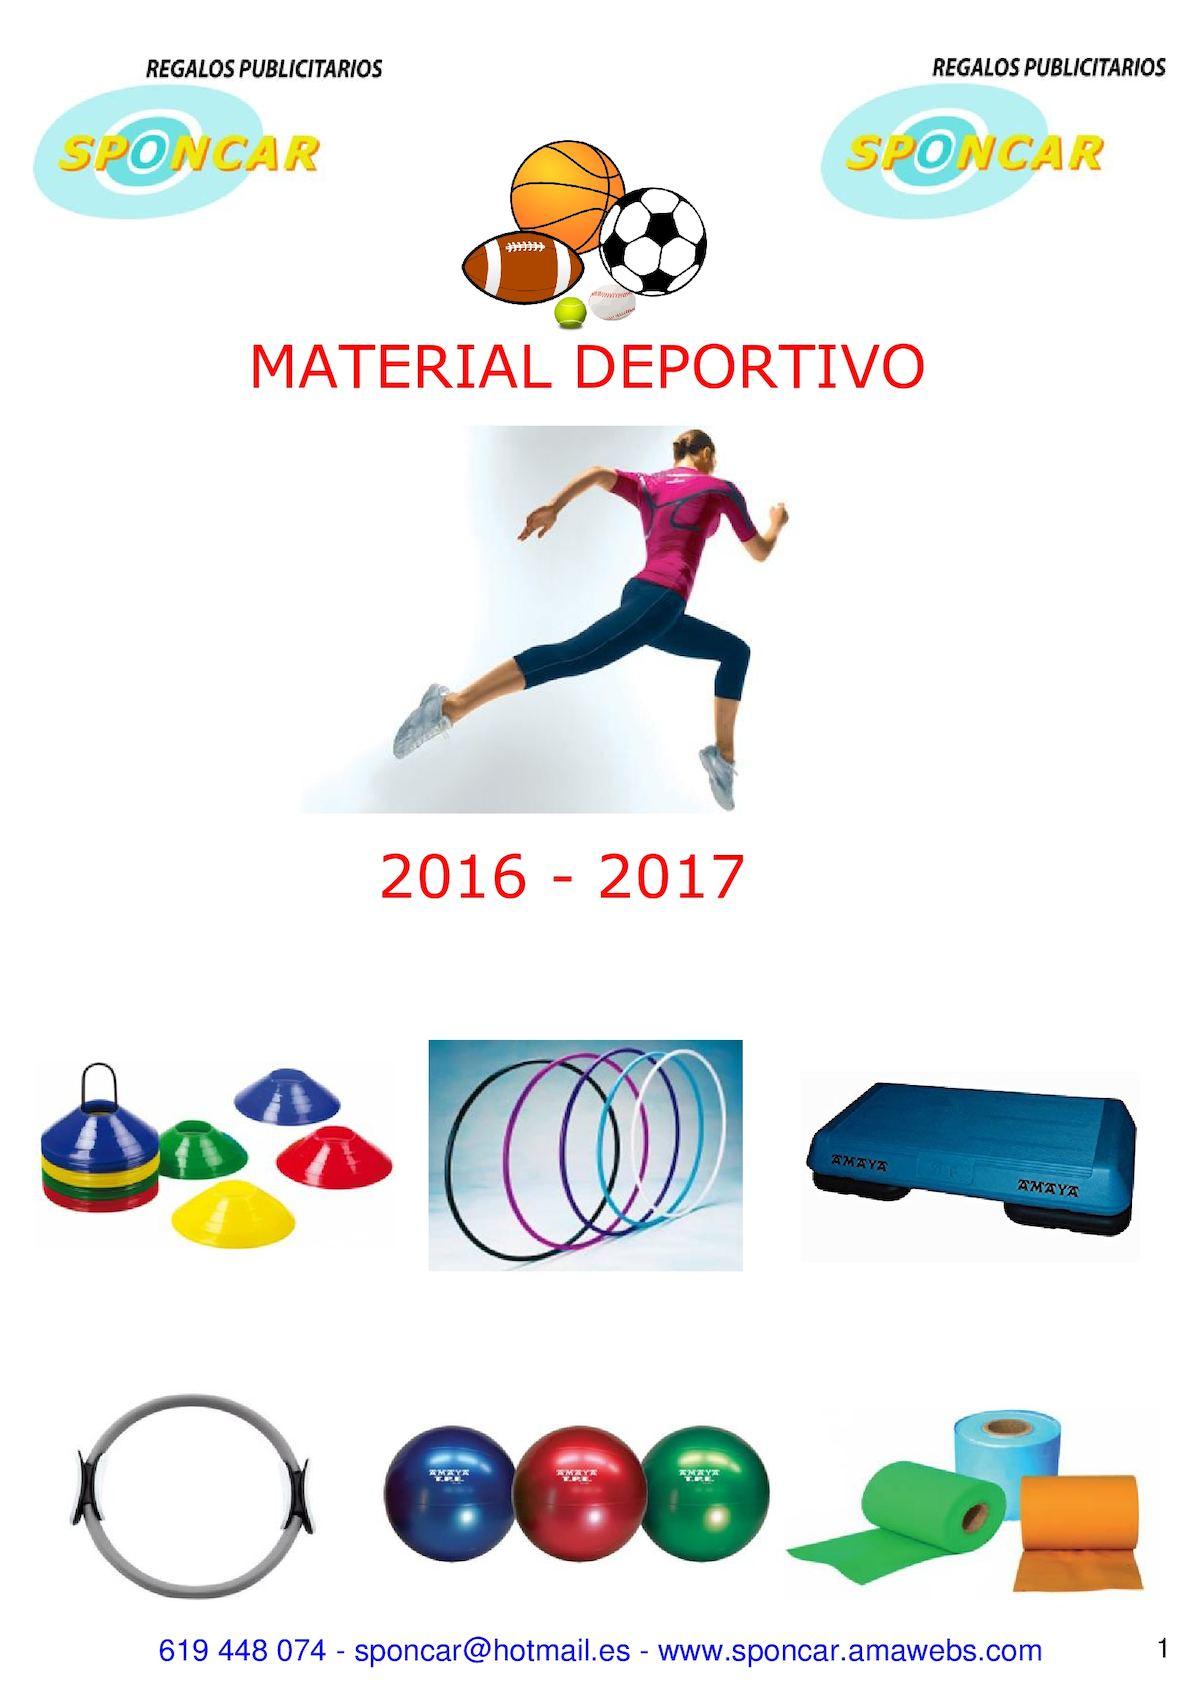 Calaméo - Catalogo Material Deportivo 2017 Sponcar c804eeedcc07